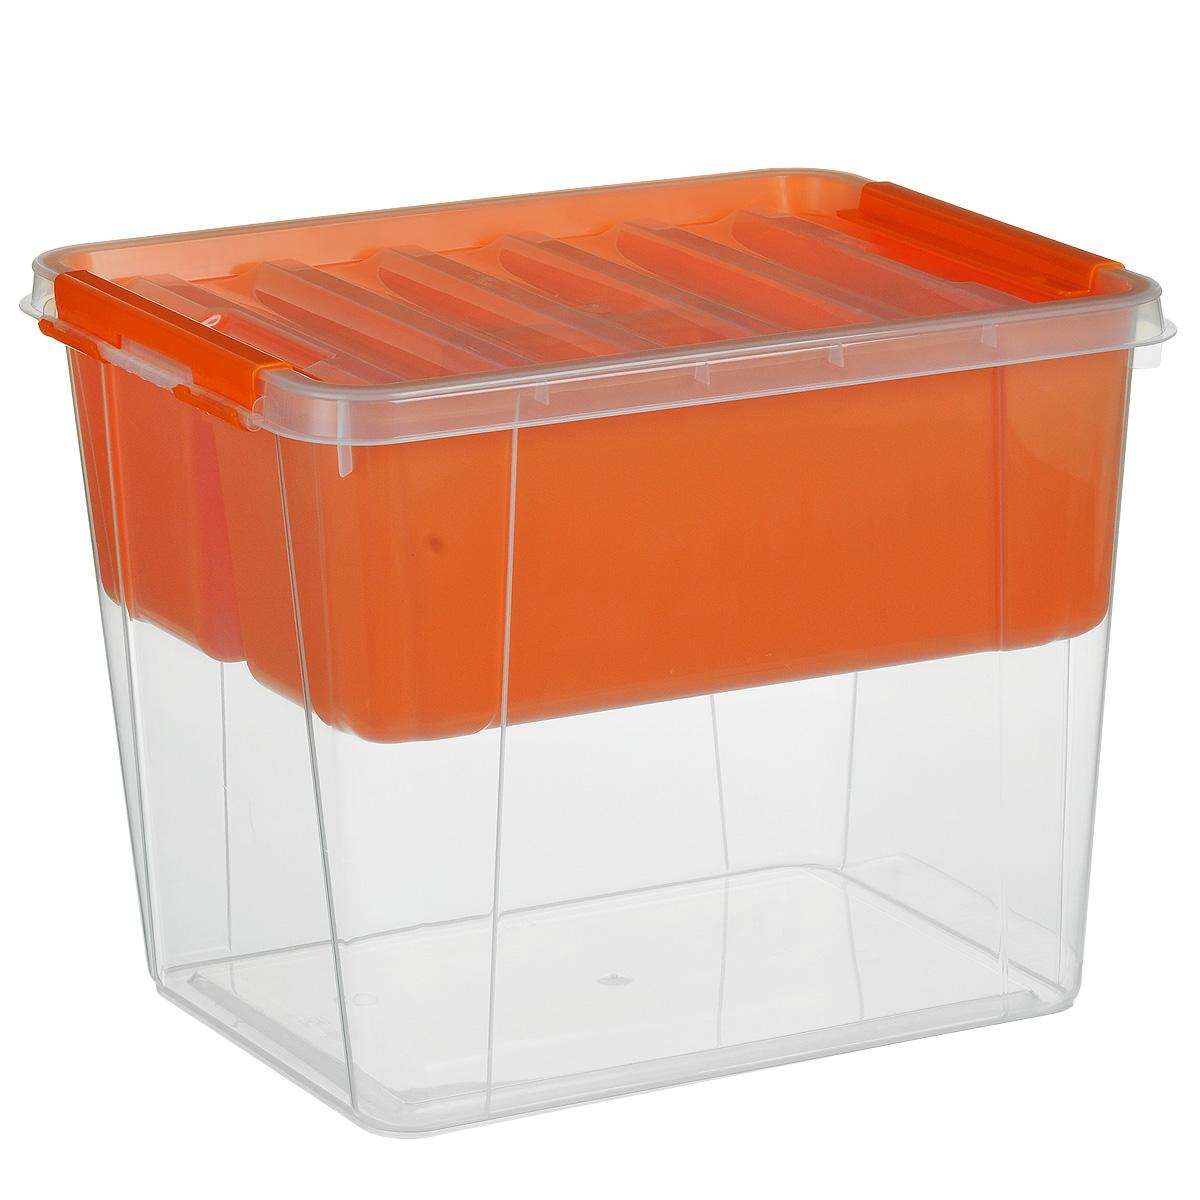 Ящик Полимербыт Профи, с вкладышем, цвет: оранжевый, прозрачный, 25 л1004900000360Вместительный ящик Полимербыт Профи выполнен из прозрачного пластика и предназначен для хранения различных предметов. Ящик оснащен удобной крышкой с рельефной поверхностью. Внутри ящика имеется съемный вкладыш с двумя глубокими секциями. Контейнер снабжен двумя пластиковыми фиксаторами по бокам, придающими дополнительную надежность закрывания крышки. Вместительный контейнер позволит сохранить различные нужные вещи в порядке, а герметичная крышка предотвратит случайное открывание, защитит содержимое от пыли и грязи. Размер внутренних секций: 37 см х 13 см х 14 см. Объем: 25 л.